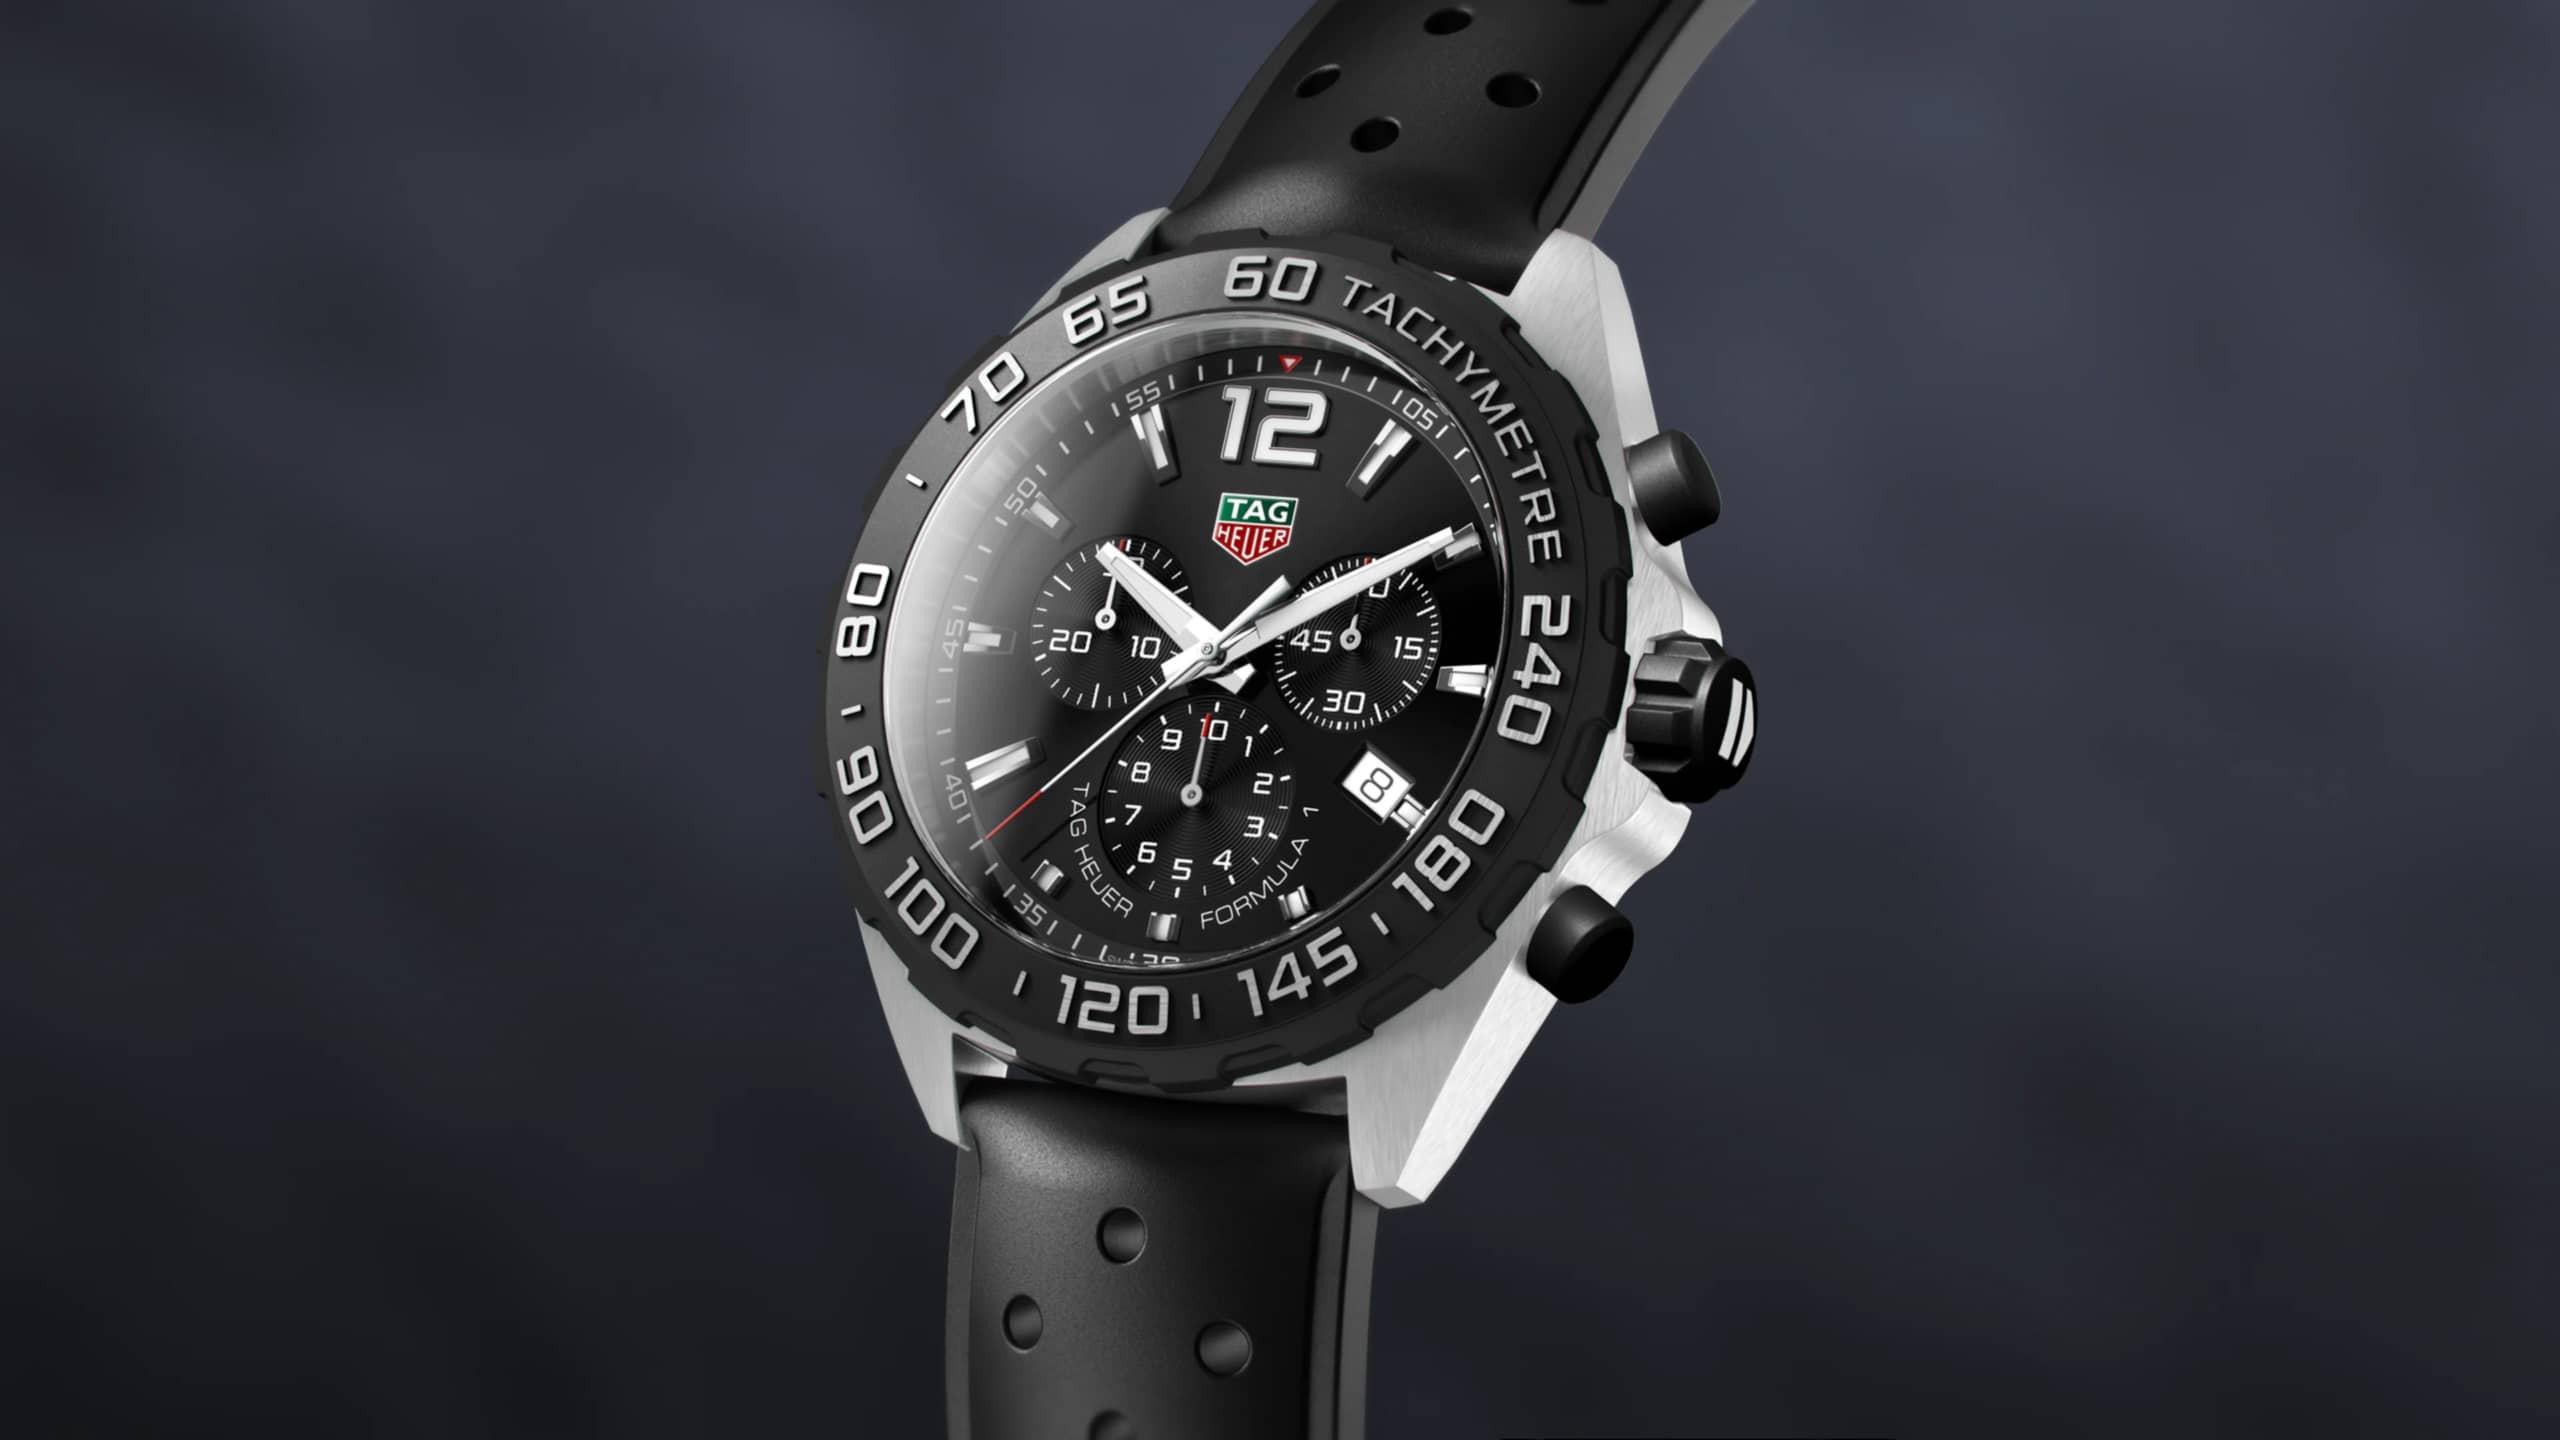 今人気の「TAG Heuer(タグ・ホイヤー)の腕時計」おすすめ3選! 今選ぶべきモデルはこれだ!【2021年4月】   ねとらぼ調査隊